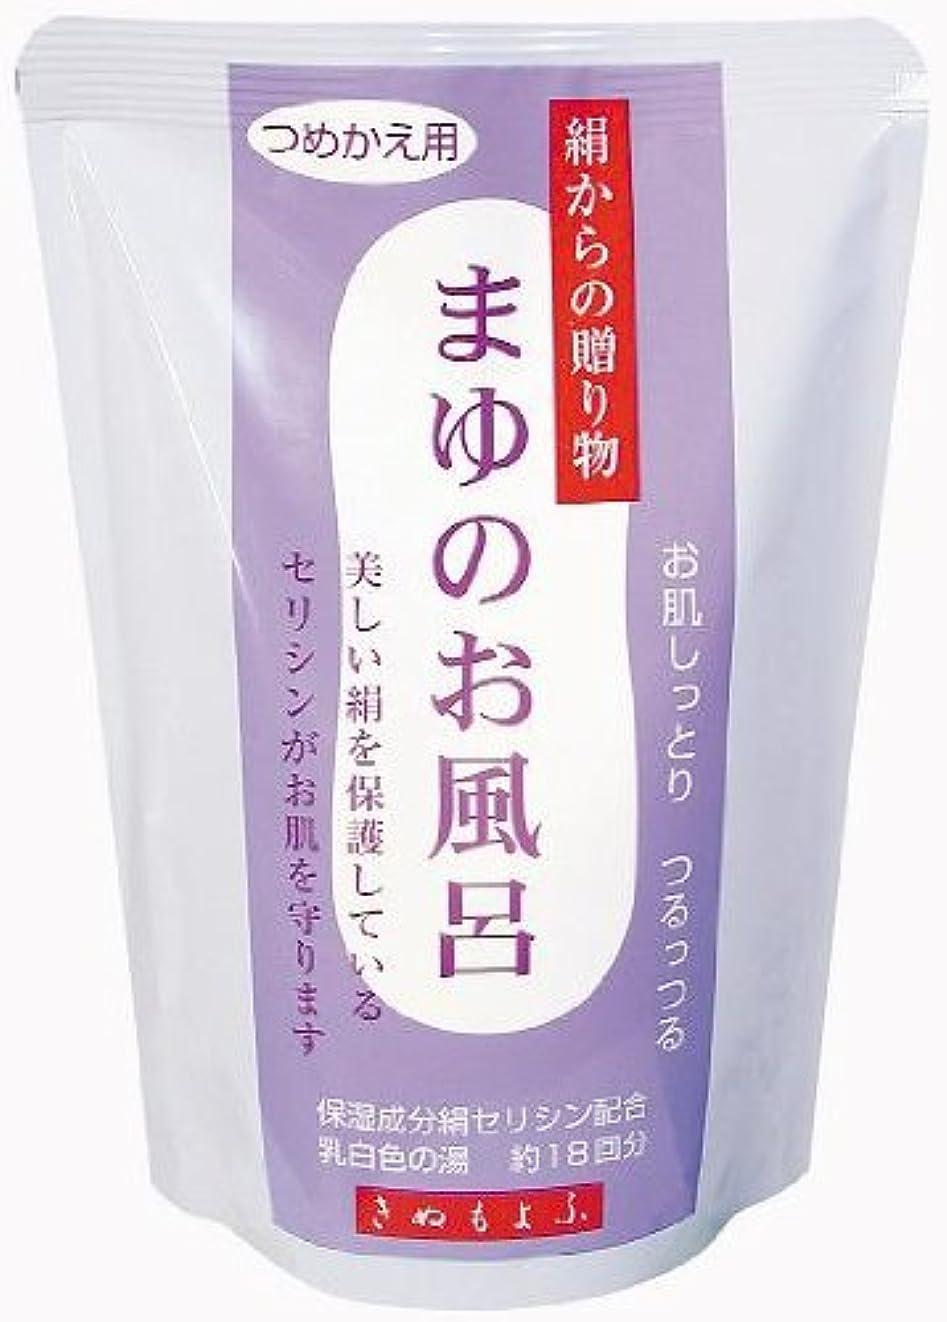 襟突然の文献まゆシリーズ きぬもよふ まゆのお風呂詰替 浴用化粧料 450ml(約18回分)